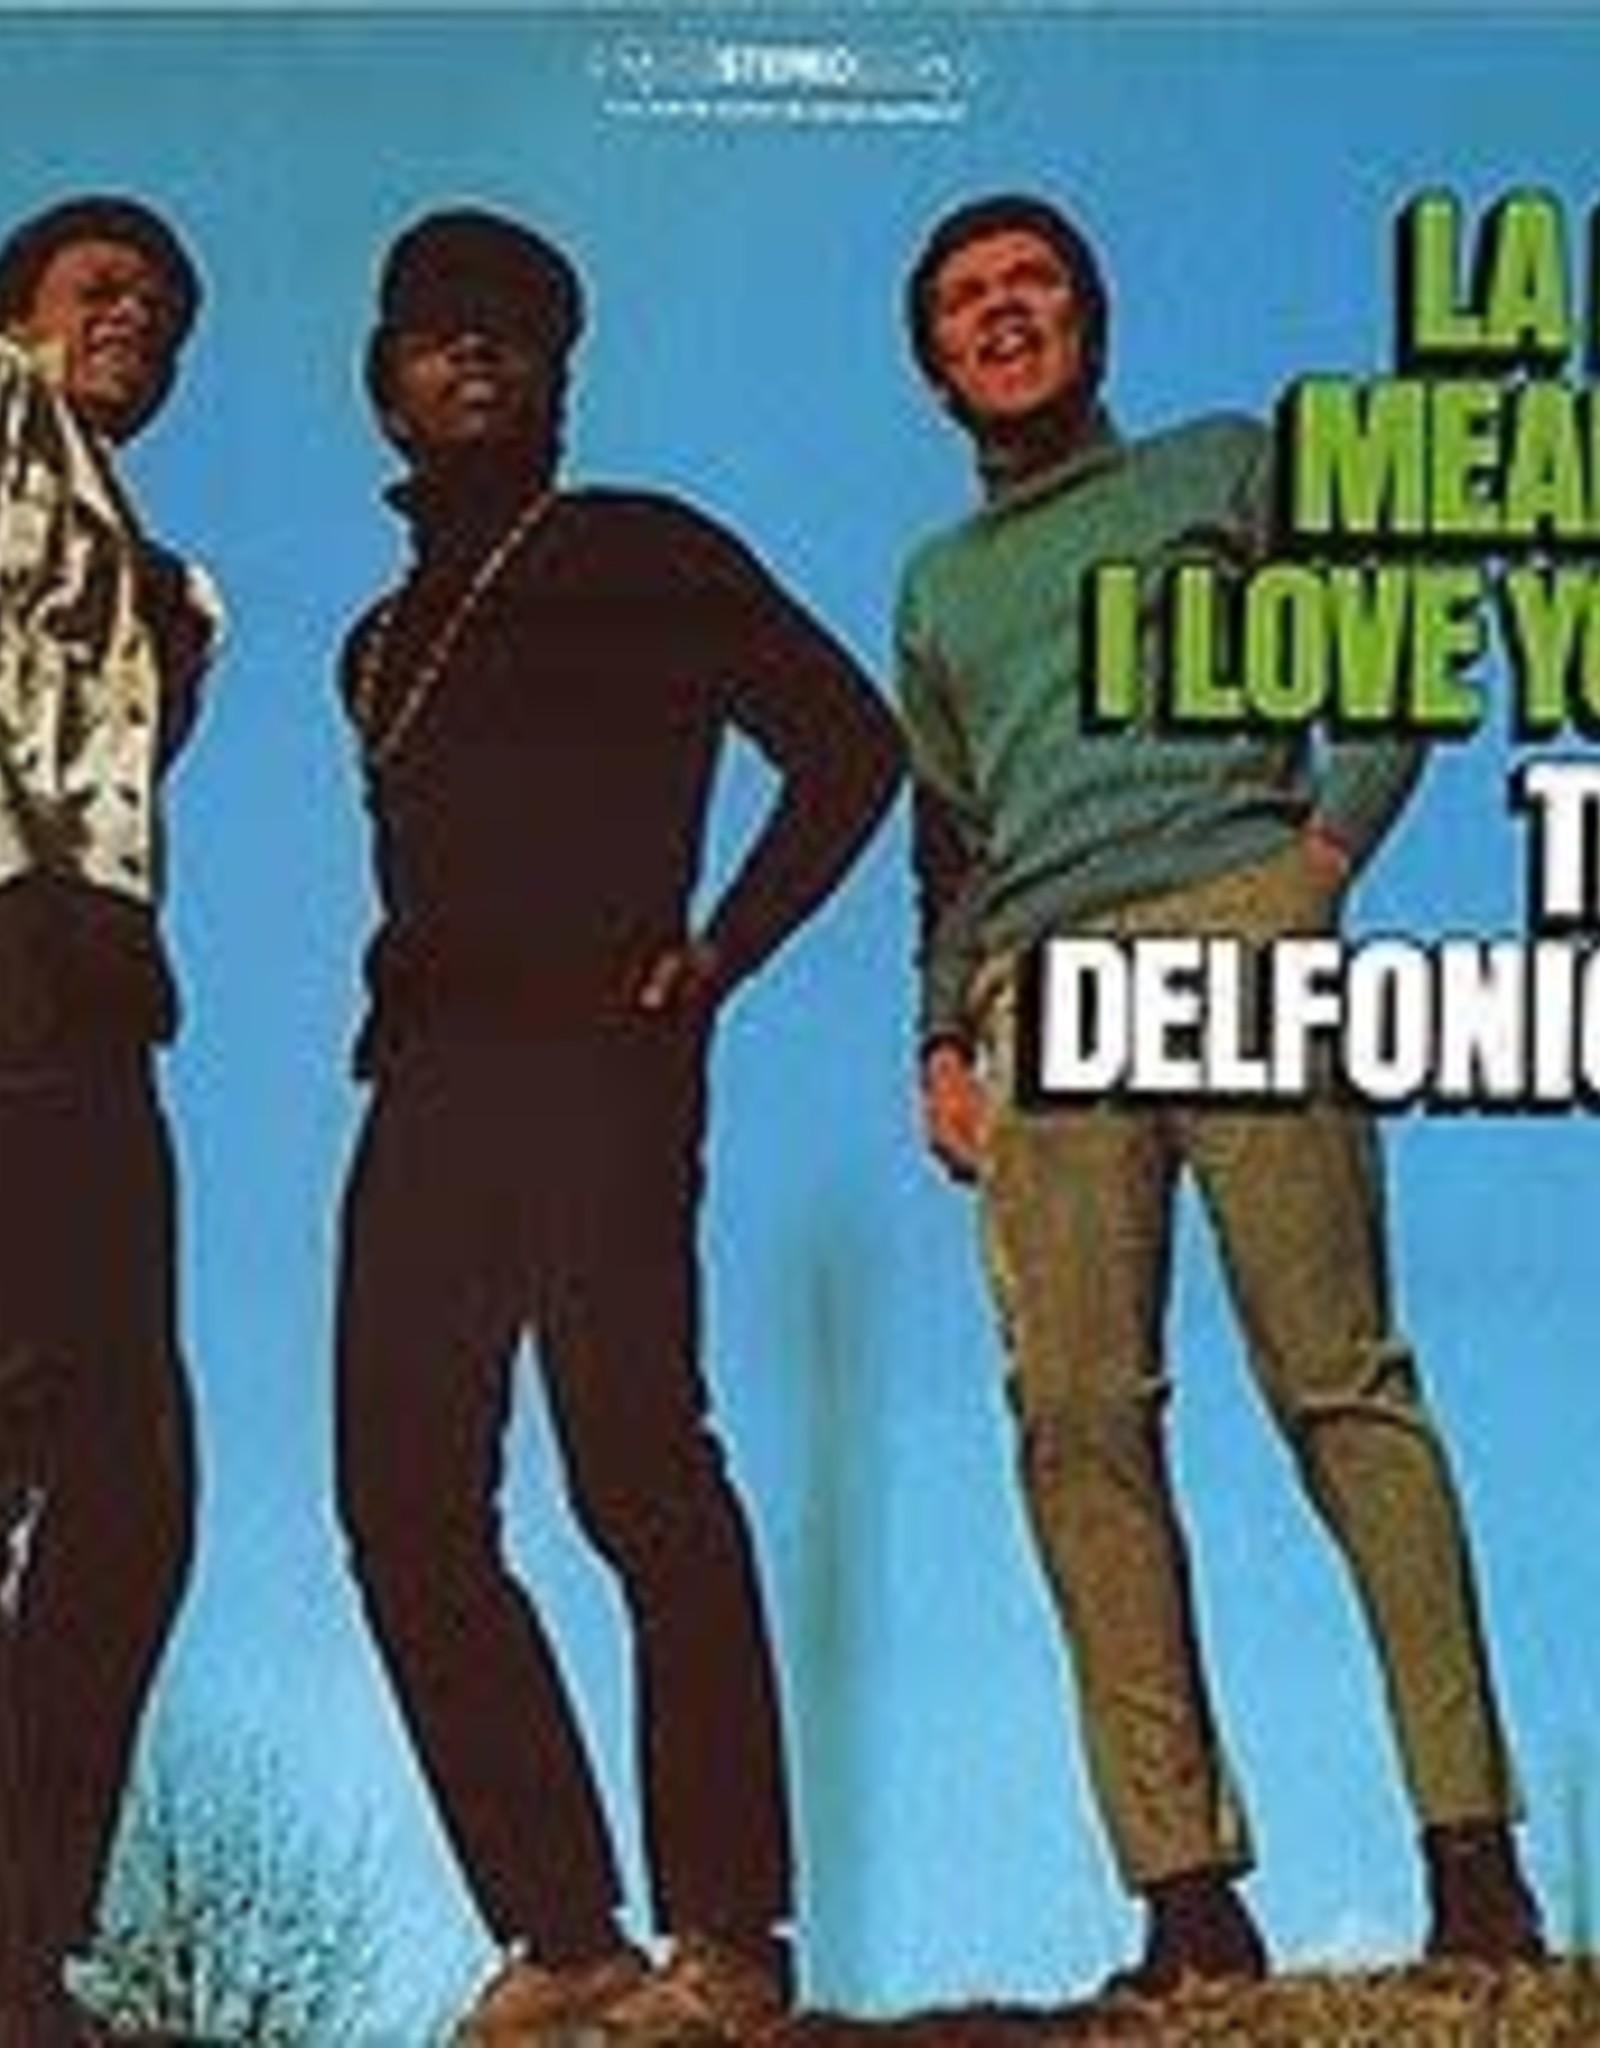 Delfonics - La La Means I Love You